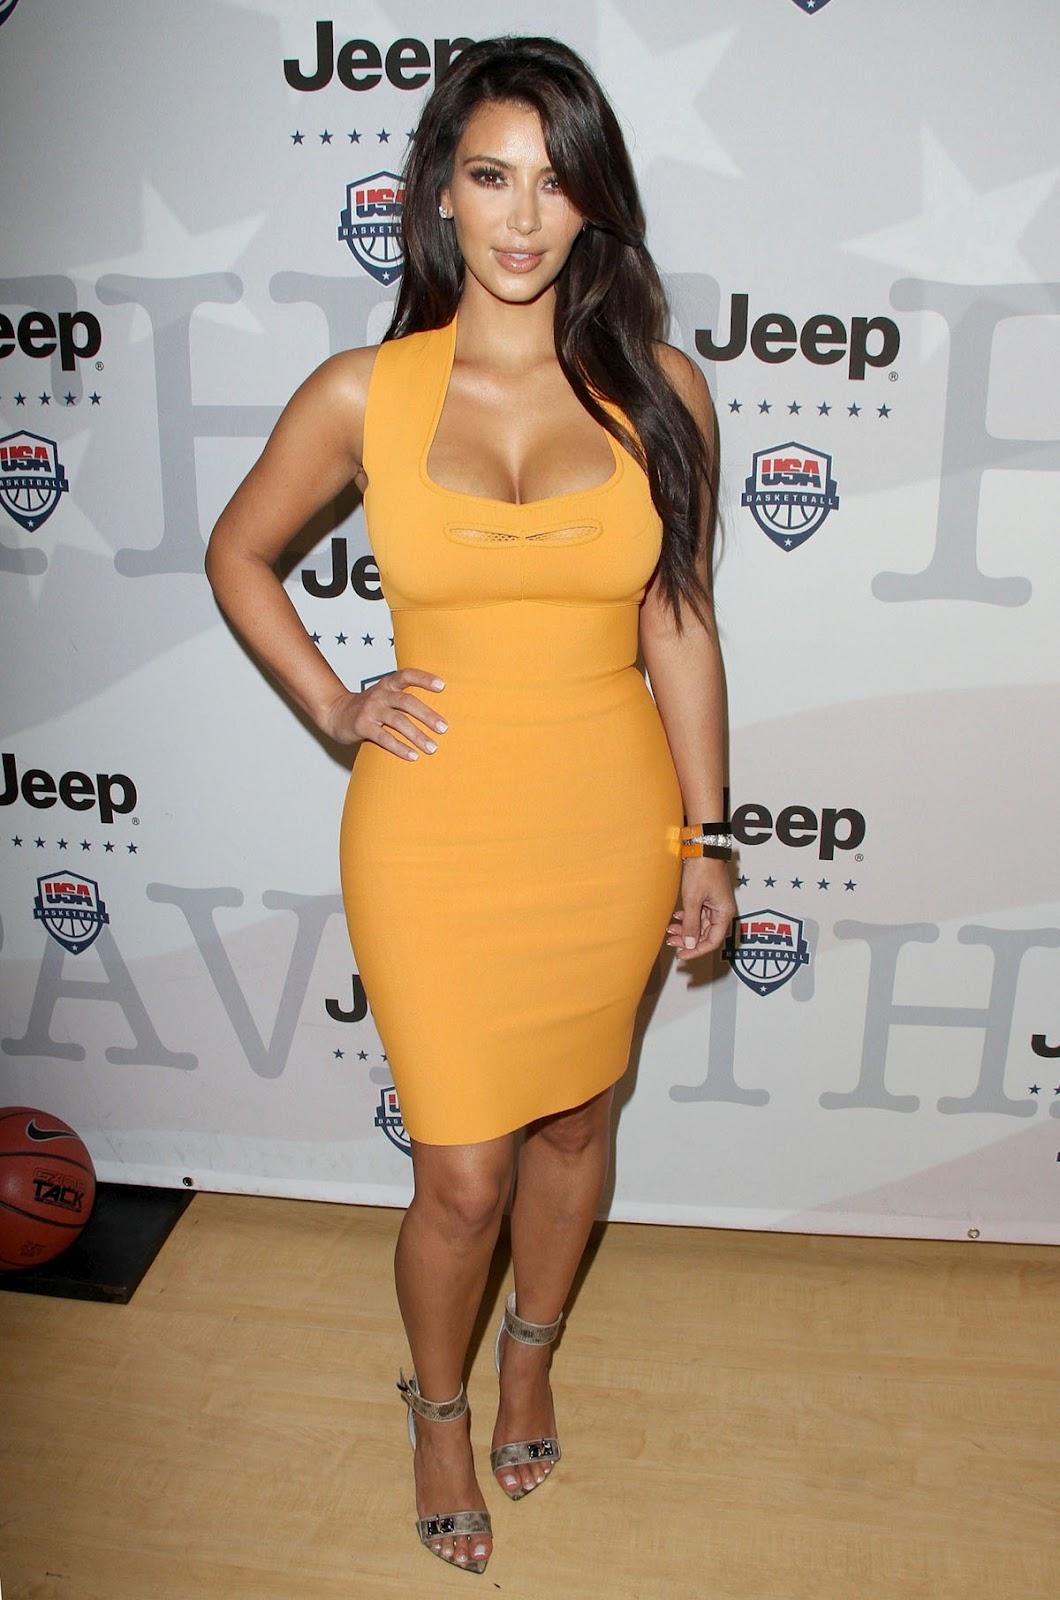 http://3.bp.blogspot.com/-31AHFZtqxYE/T5WgZr660aI/AAAAAAAAH74/FVXm_D76QVI/s1600/Kim-Kardashian-Power-Foward-Partnership-Event-1.jpg